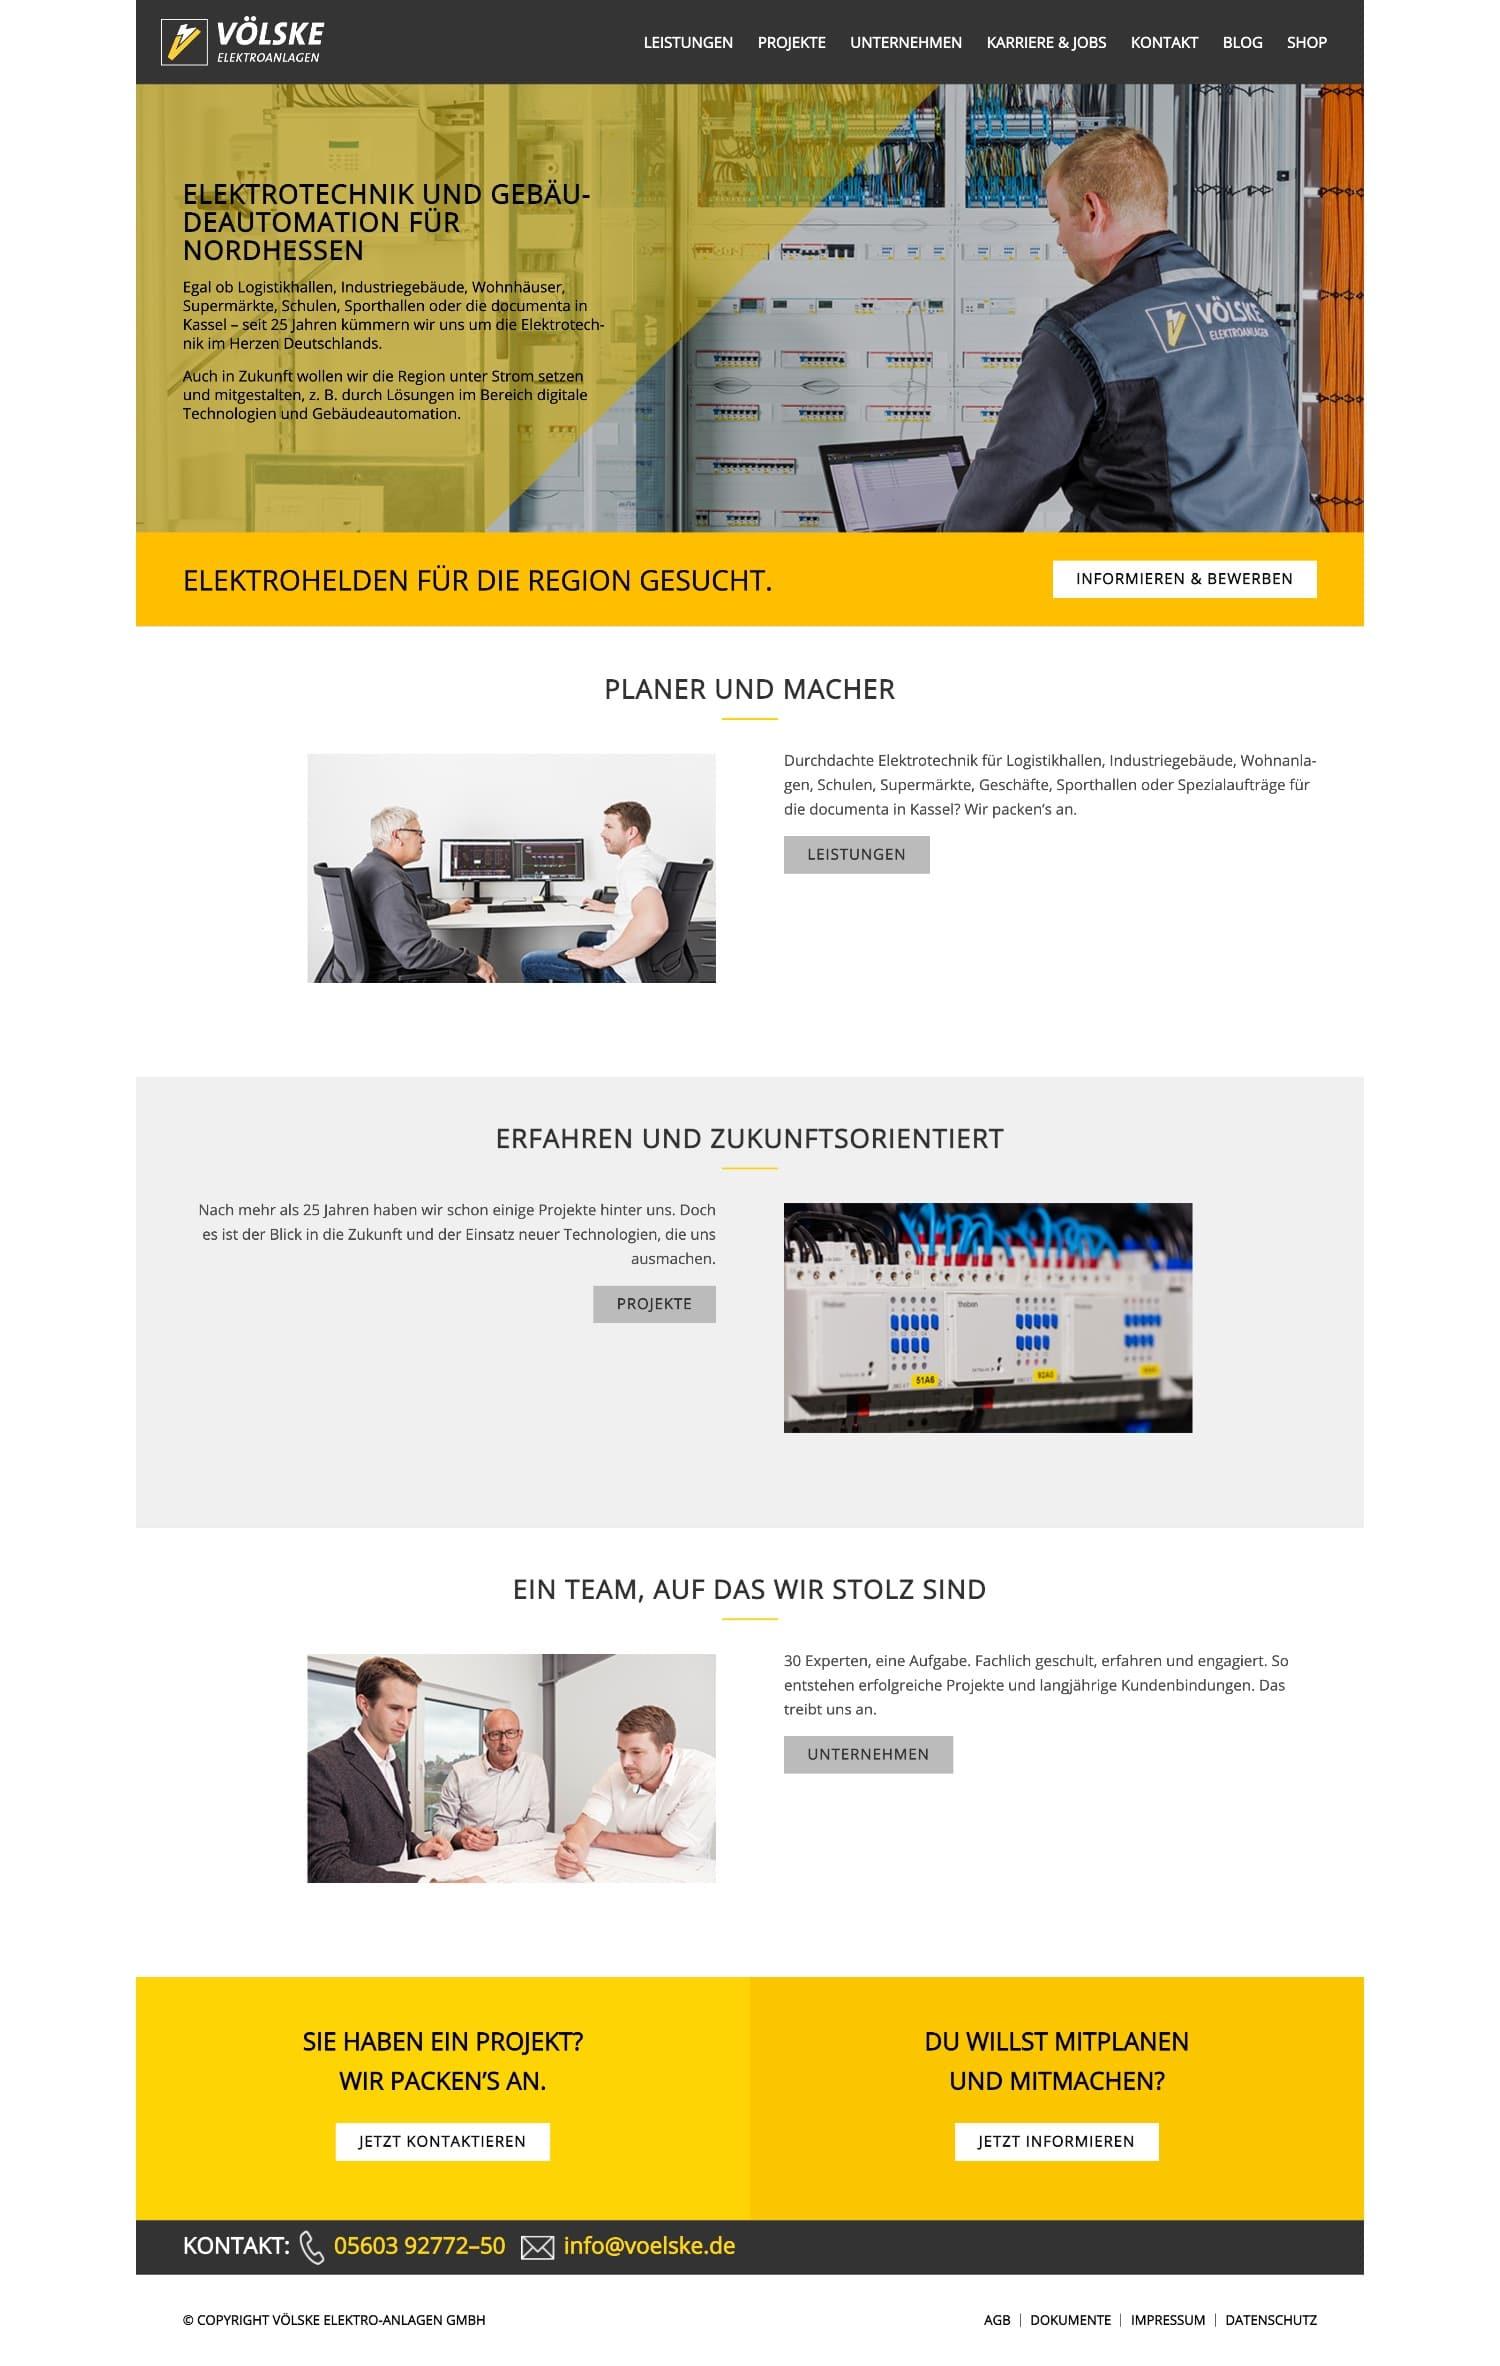 Vöslke - Website